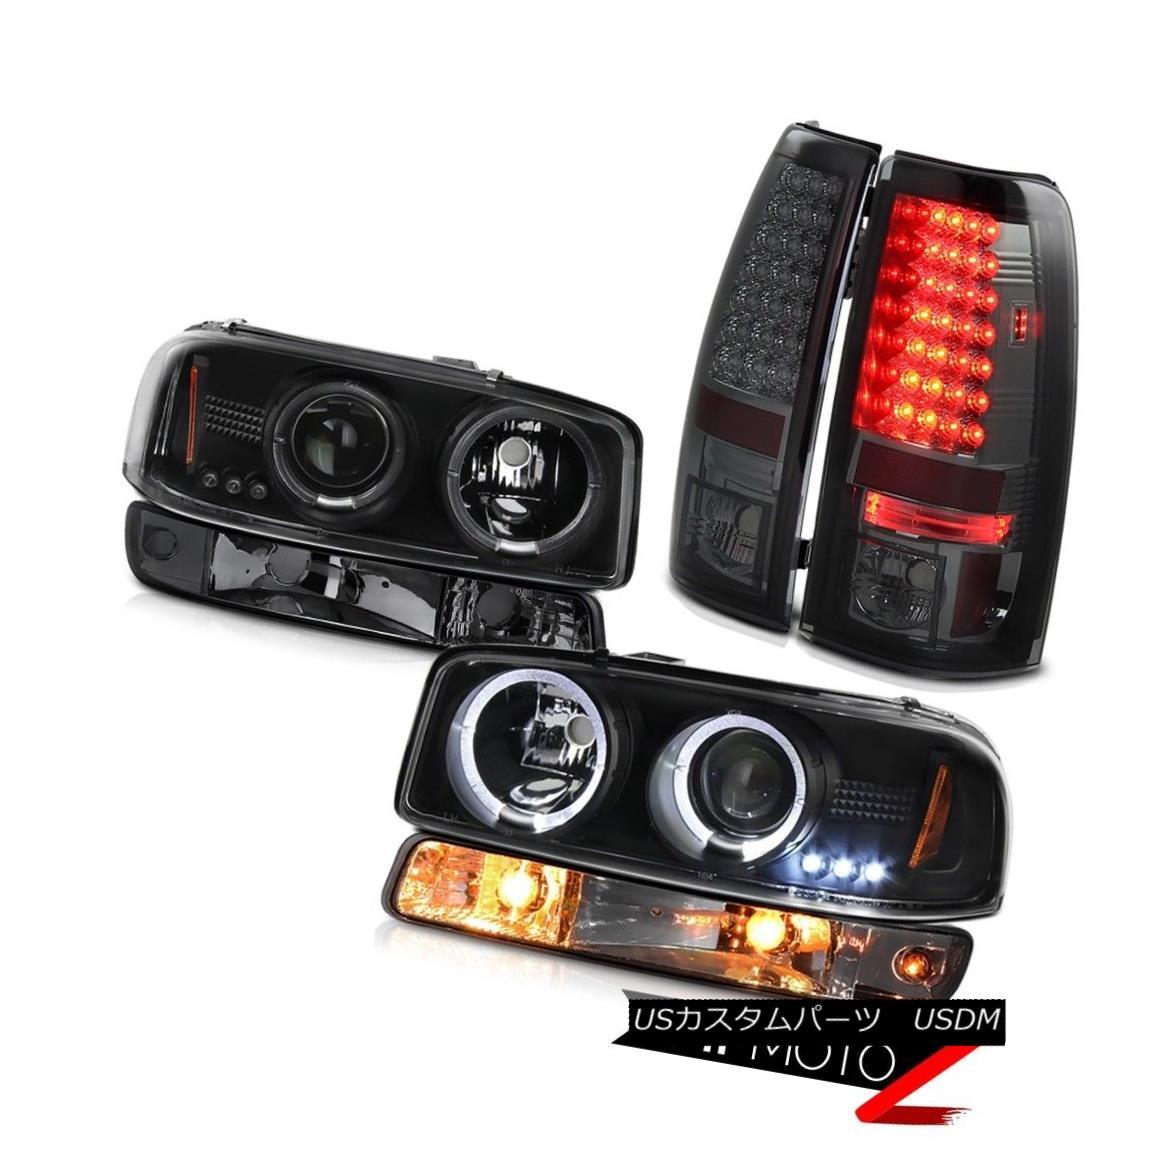 ヘッドライト 99-02 Sierra 6.6L SMD tail brake lamps bumper lamp black projector headlamps 99-02シエラ6.6L SMDテールブレーキランプバンパーランプブラックプロジェクターヘッドライト